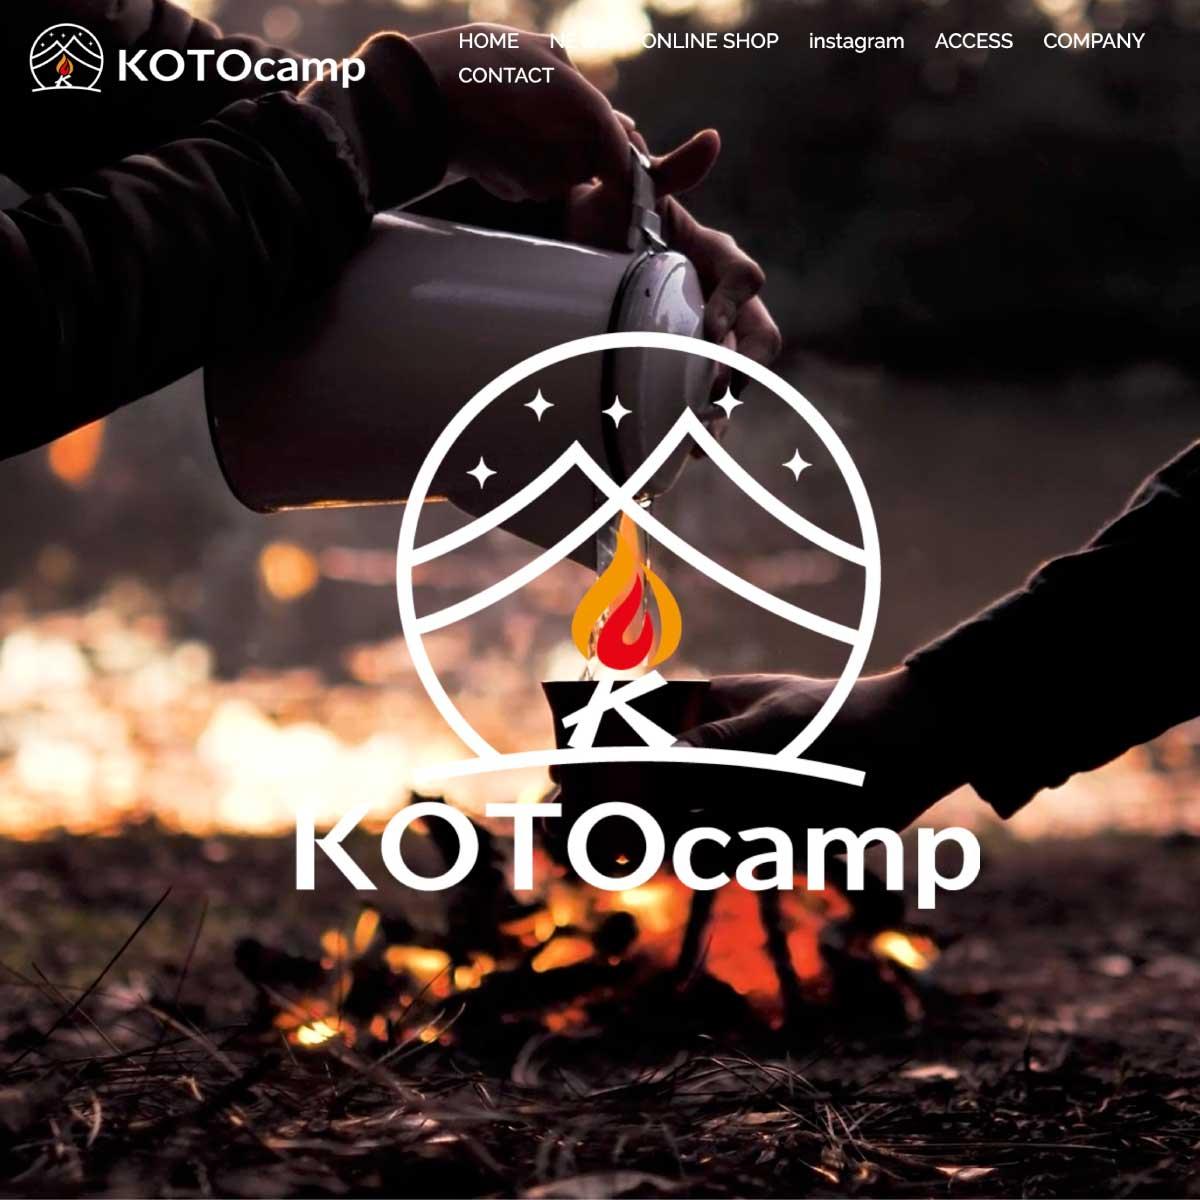 KOTOcamp